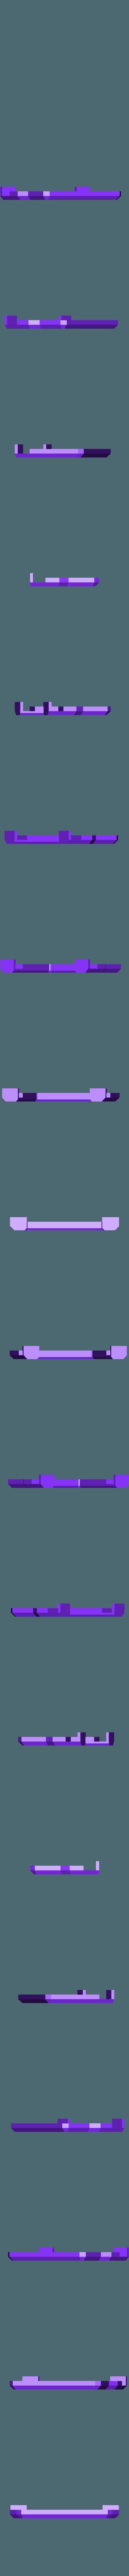 bump.stl Télécharger fichier STL gratuit Bump pour Land Rover Defender 110 • Design imprimable en 3D, ildarius2017